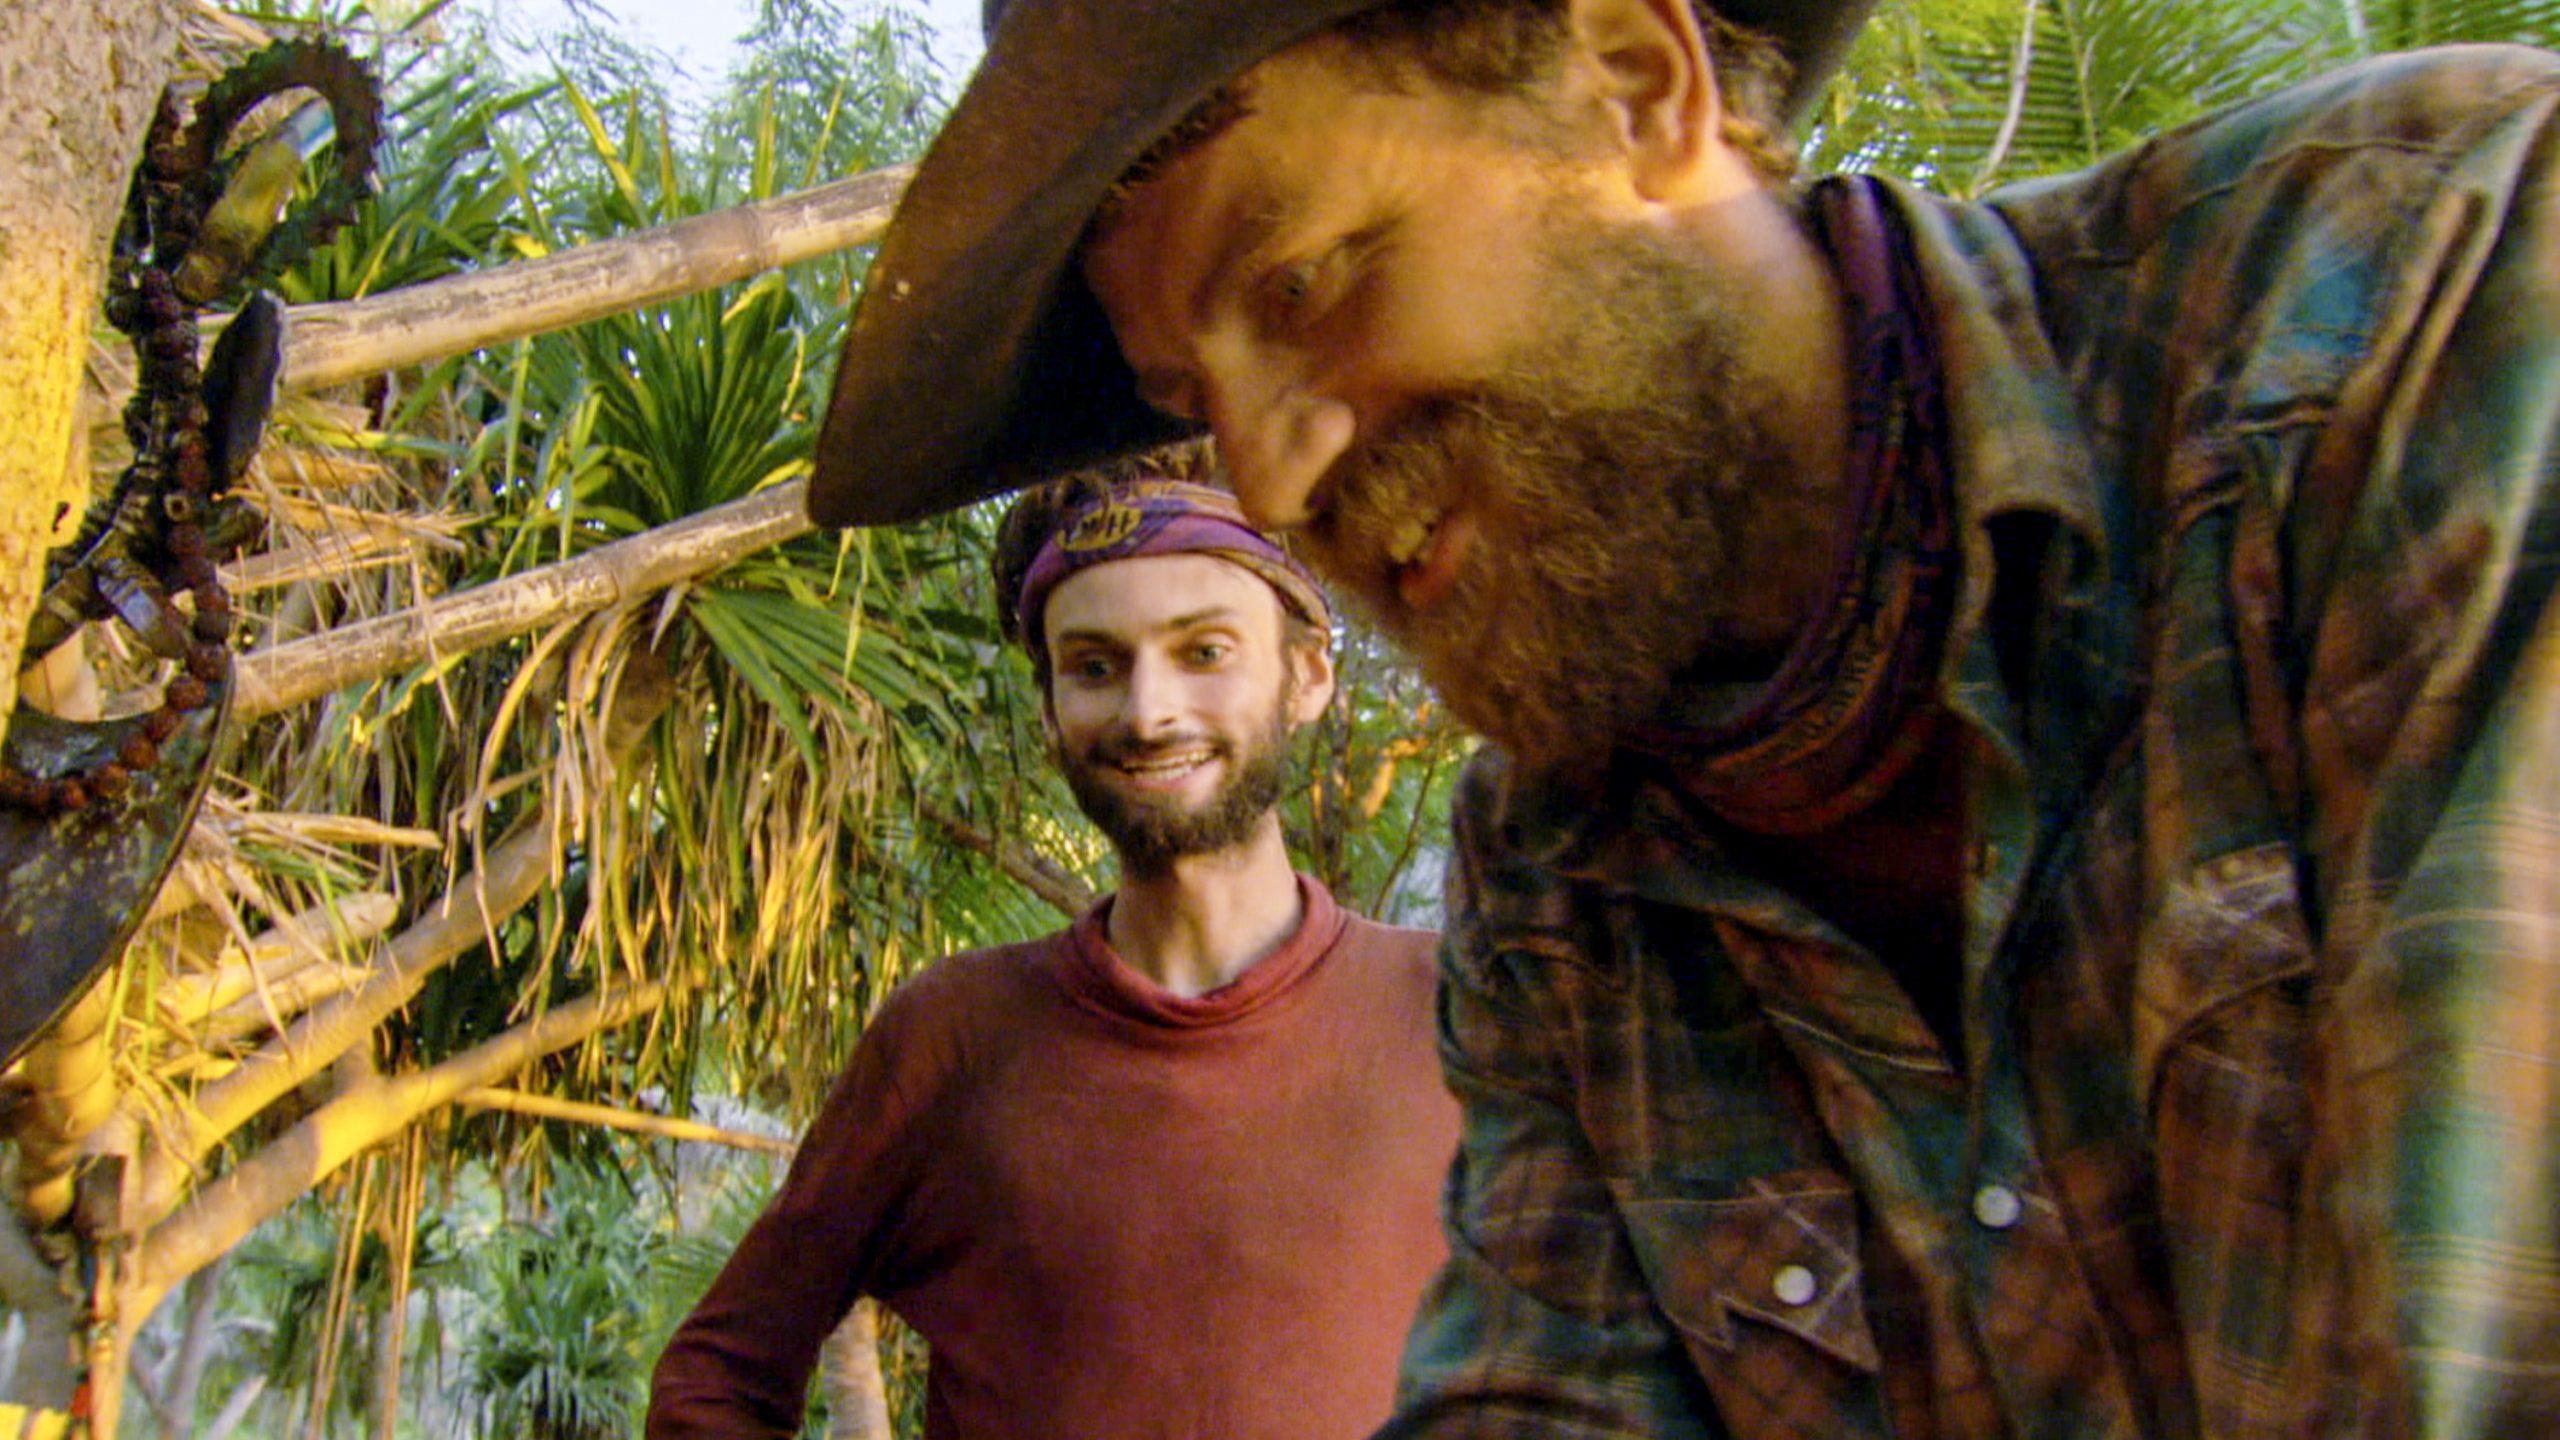 Ryan Ulrich and Ben Driebergen on Survivor